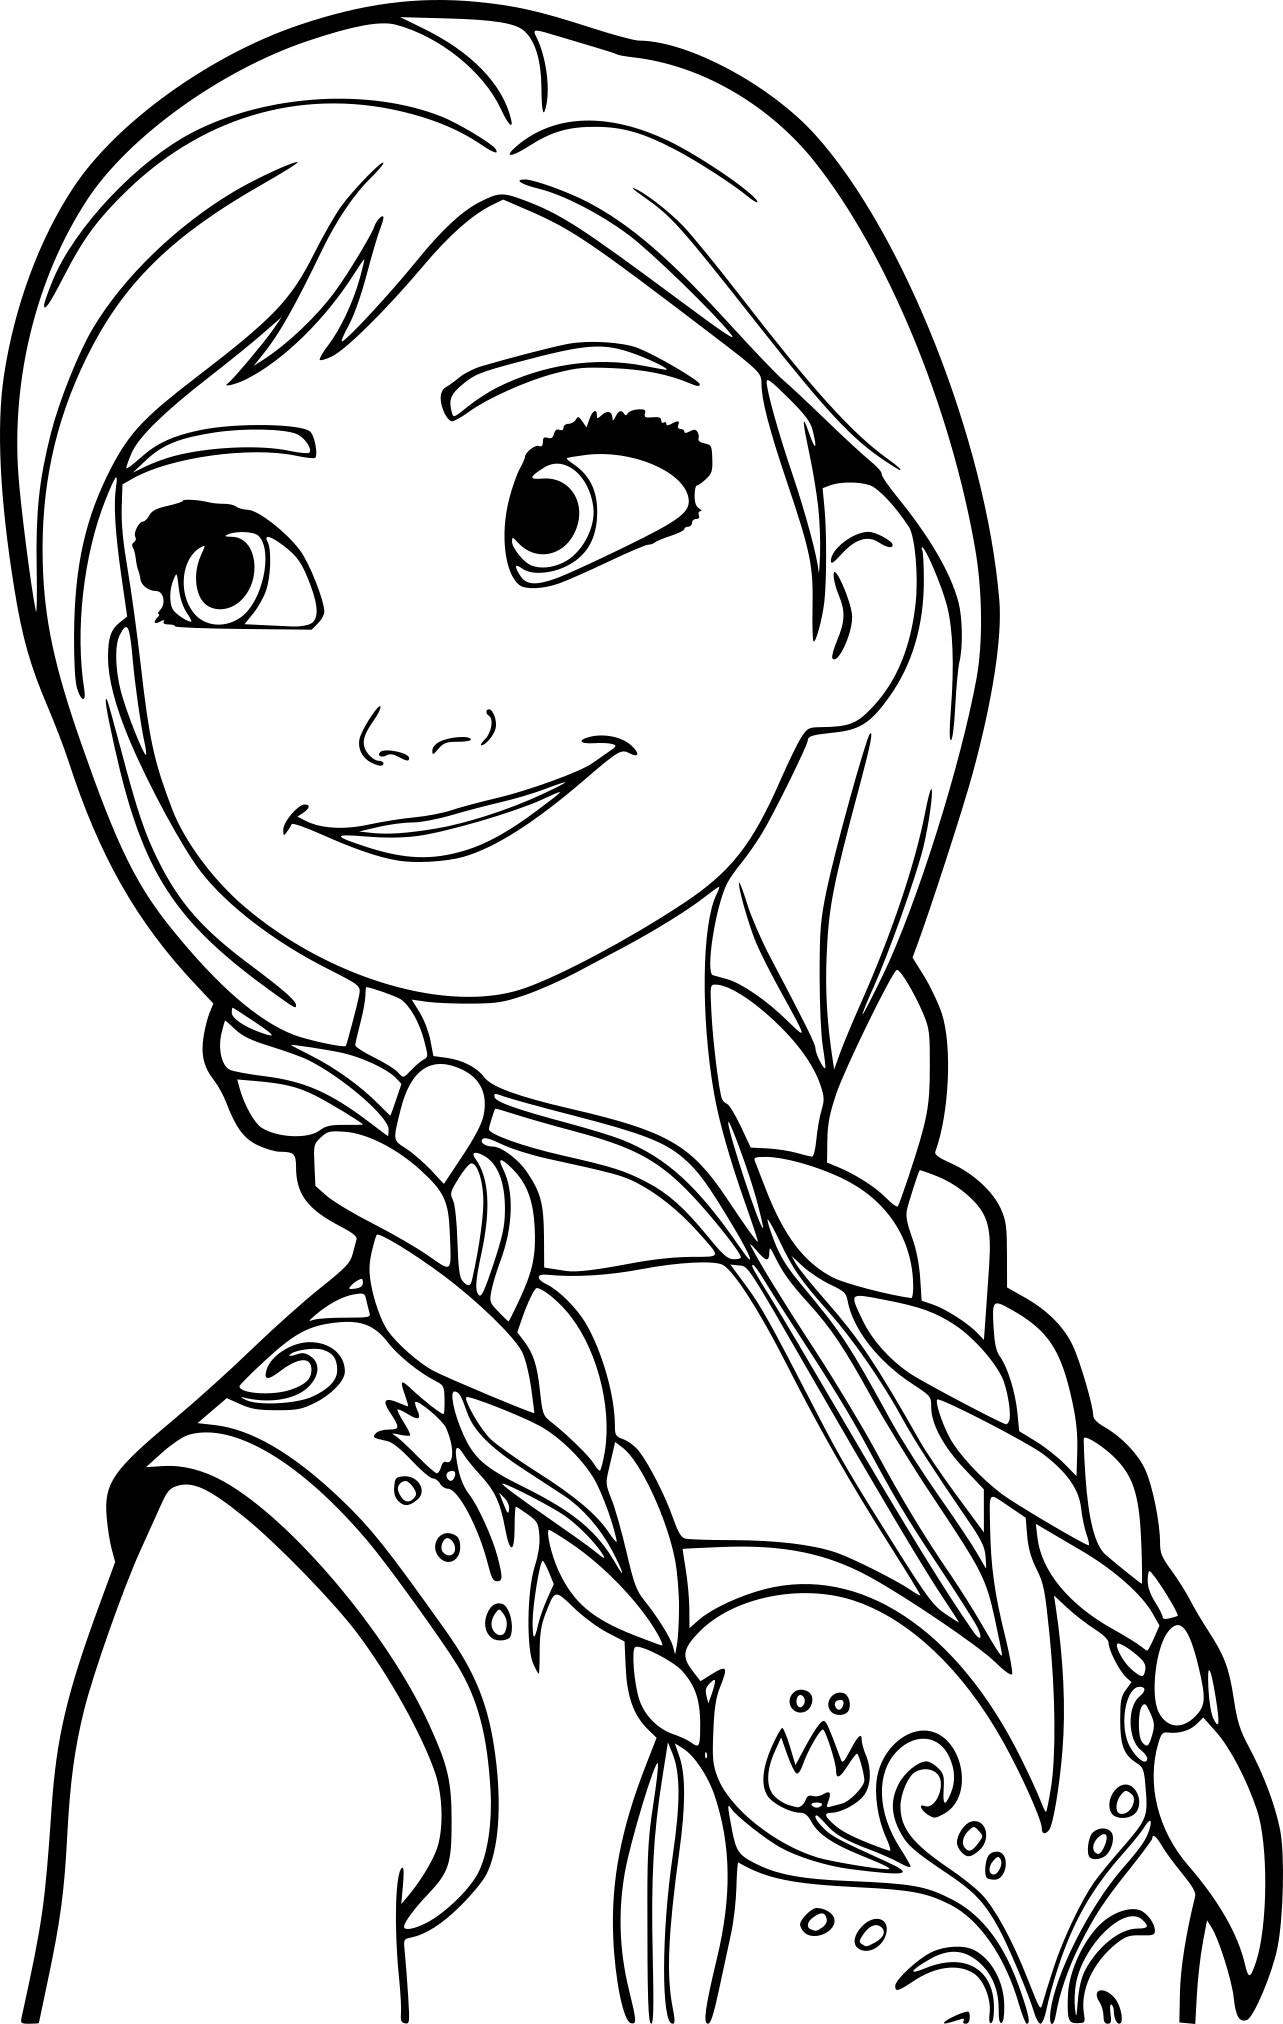 Coloriage princesse anna imprimer gratuit - Coloriage anna et elsa ...